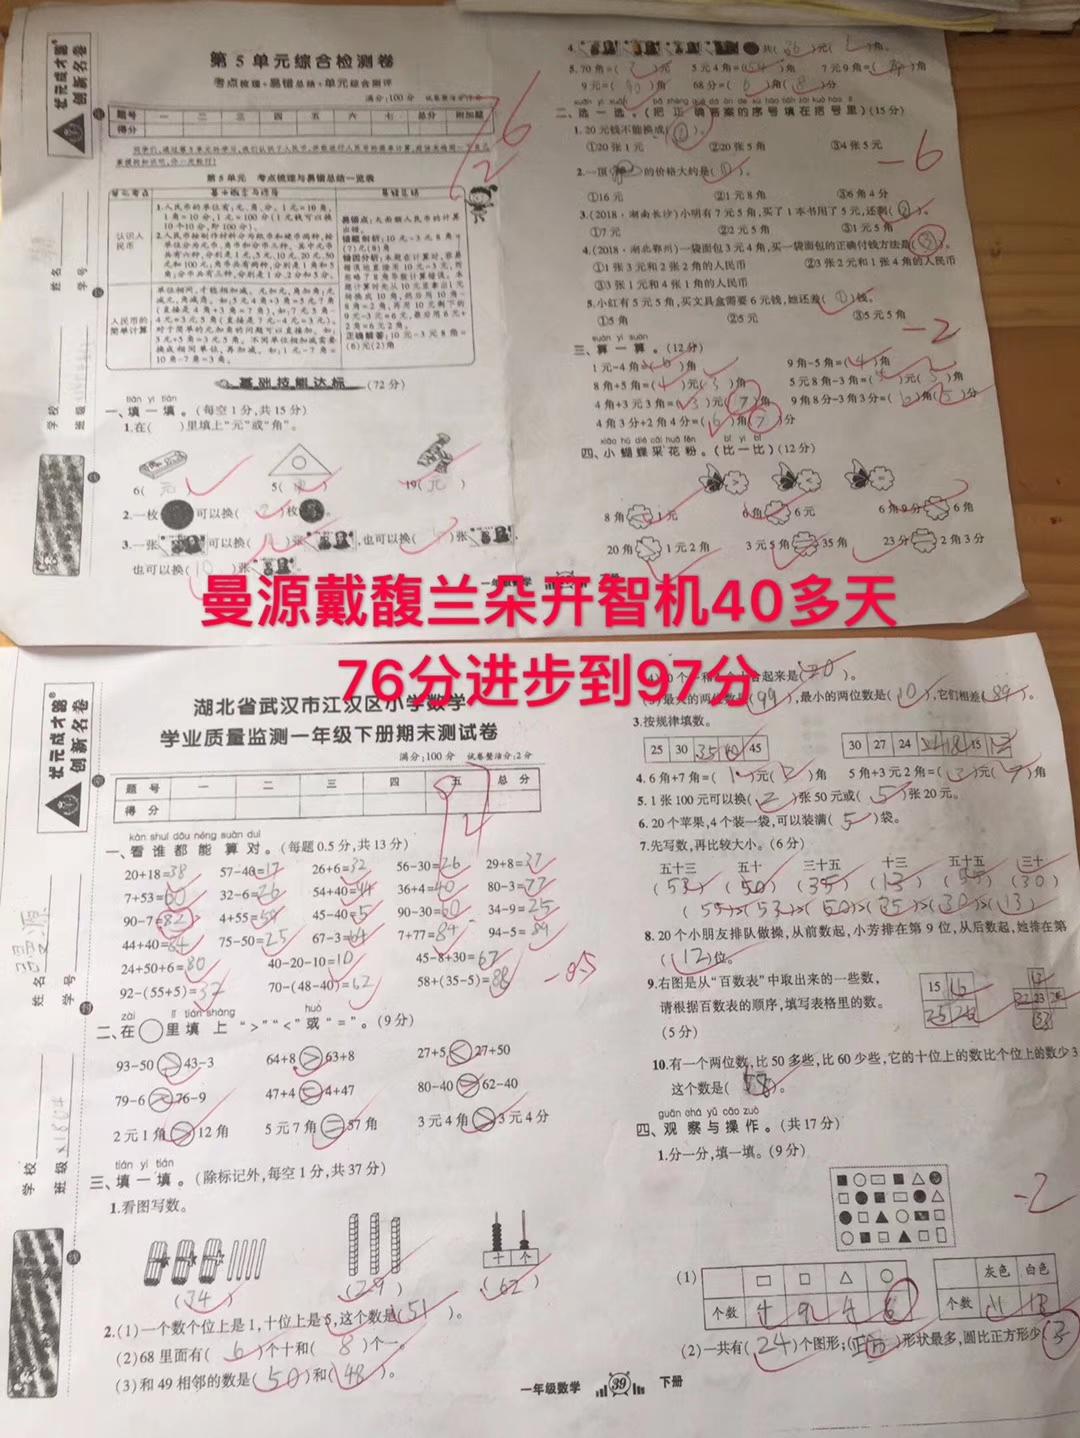 湖南省辅导机构加盟保证大幅度提分4个月里